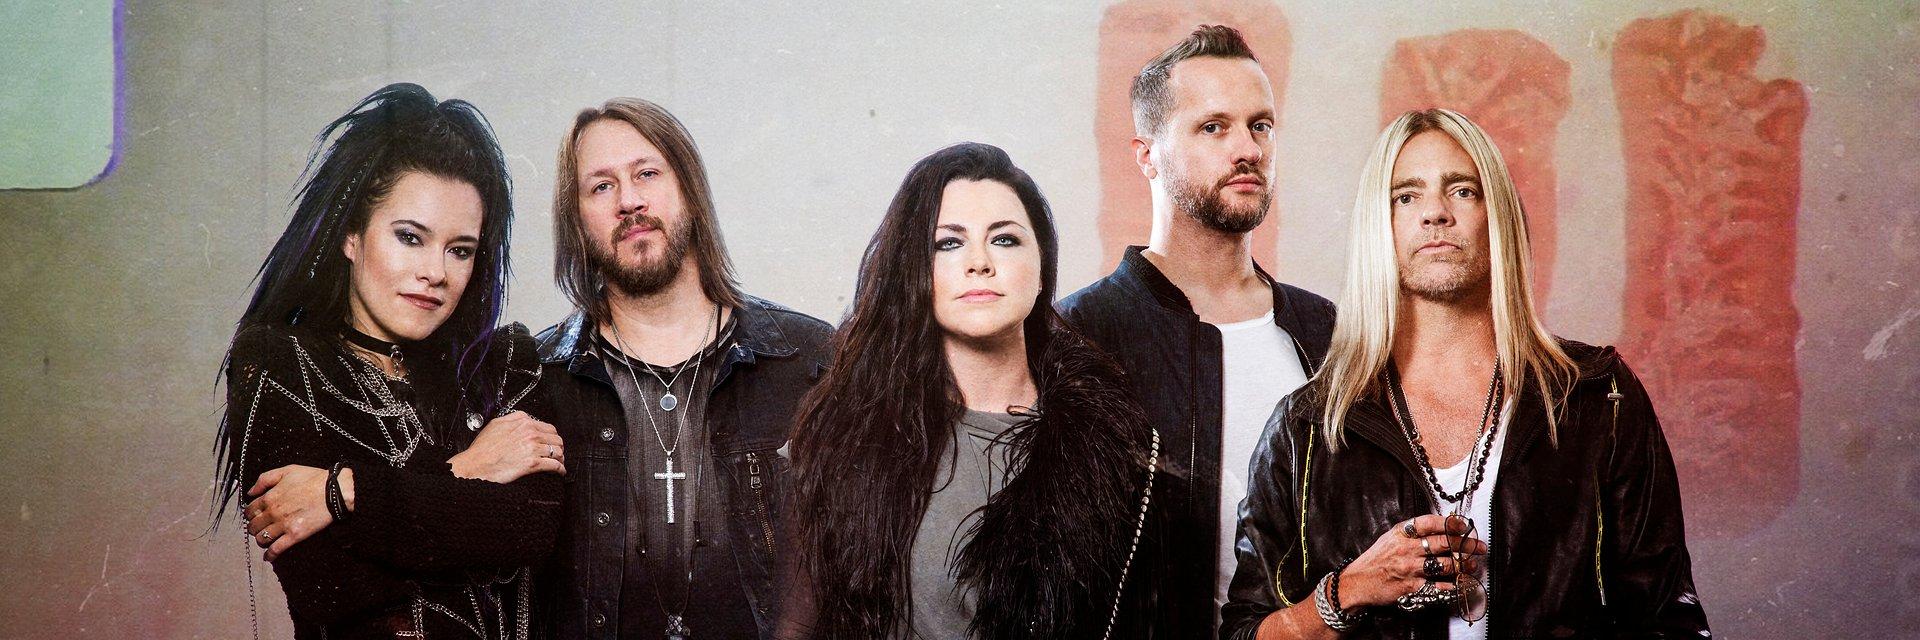 Evanescence w nowym teledysku